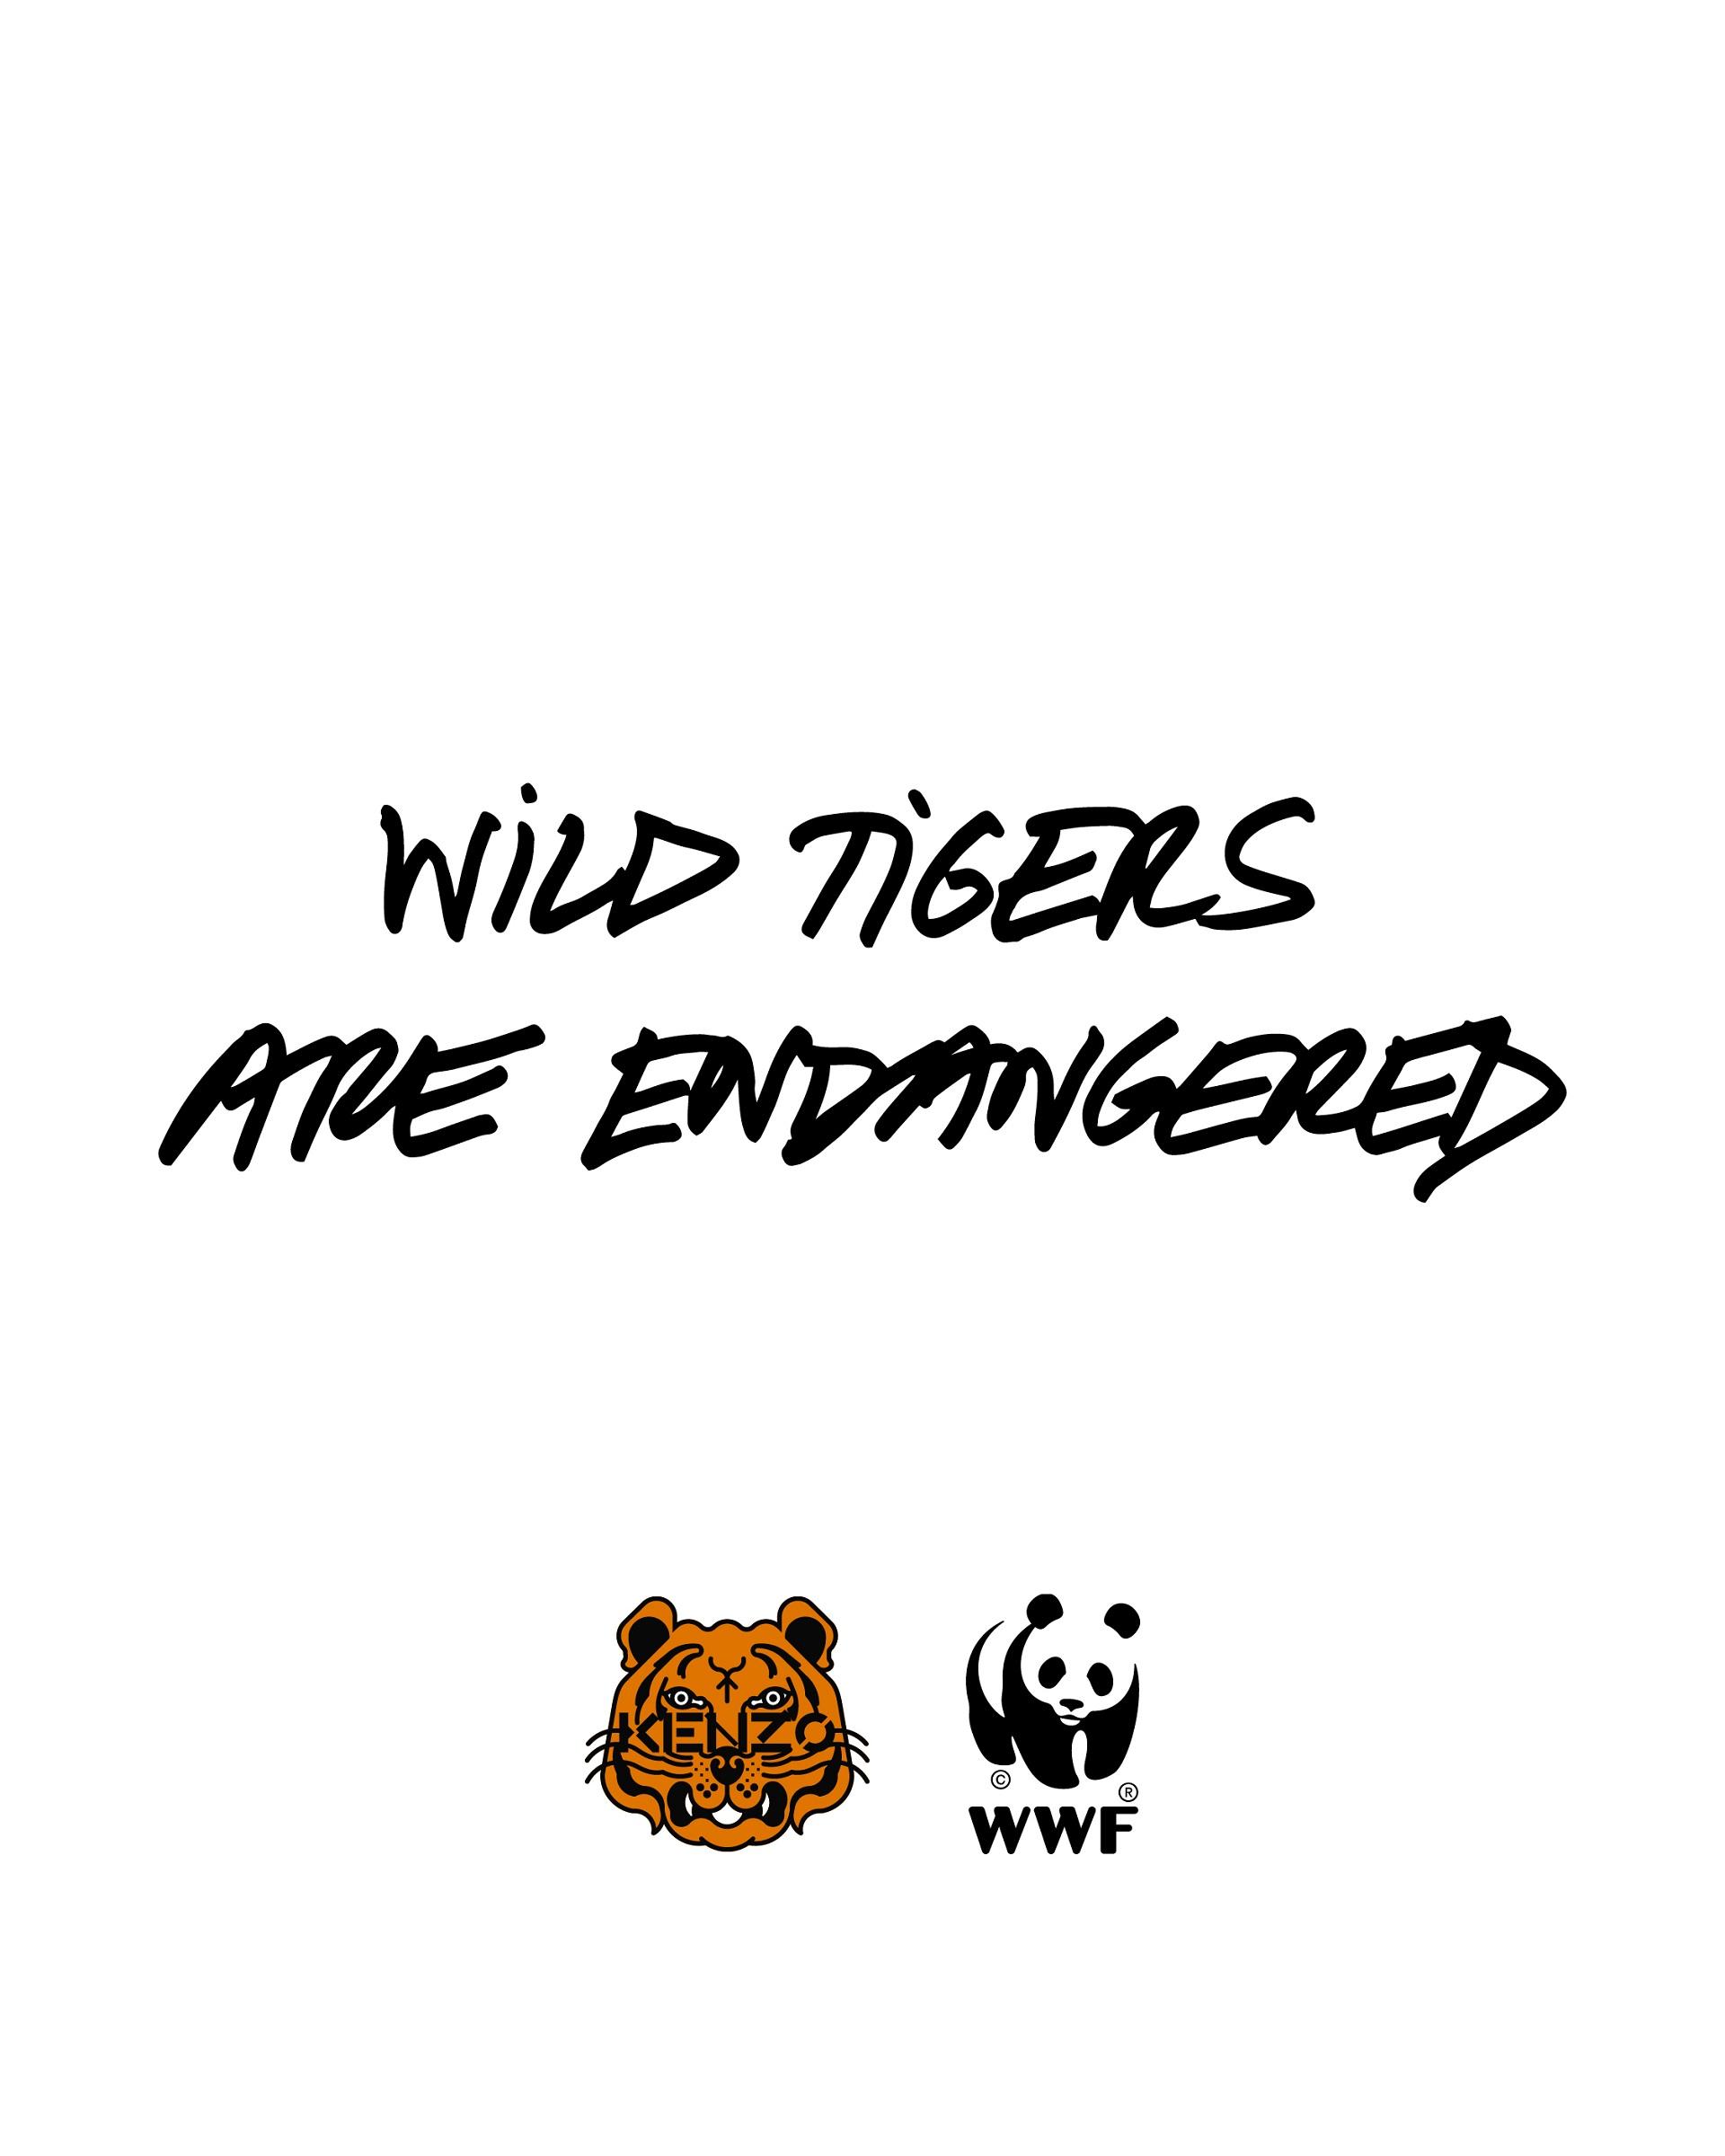 Во благо: KENZO представил капсульную коллекцию с WWF в знак поддержки популяции тигров-Фото 1